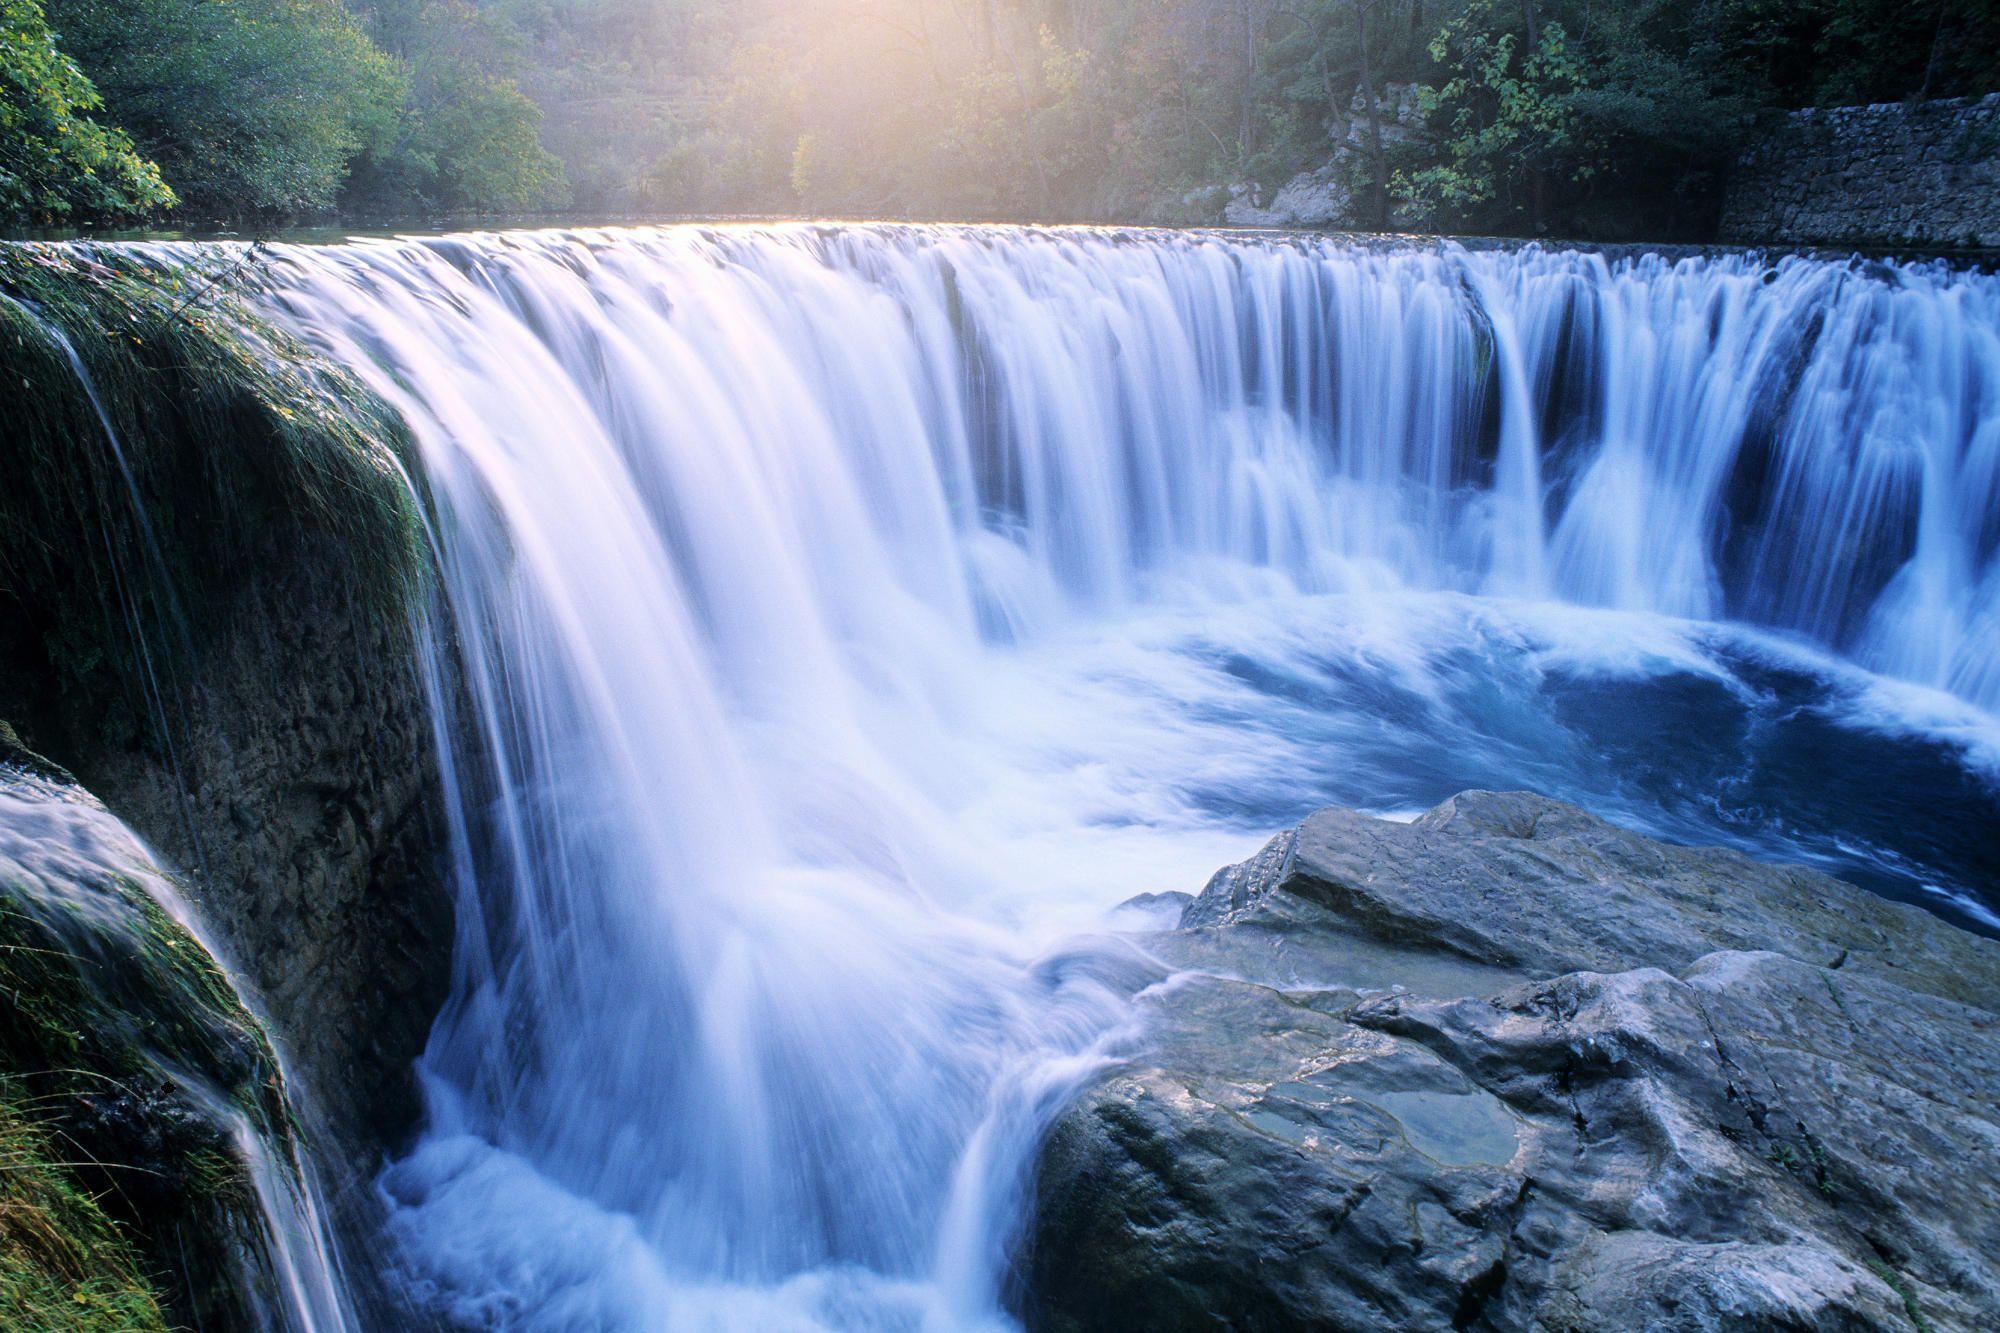 بالصور صور خلفيات طبيعيه , مناظر للطبيعة خلابة 10670 7